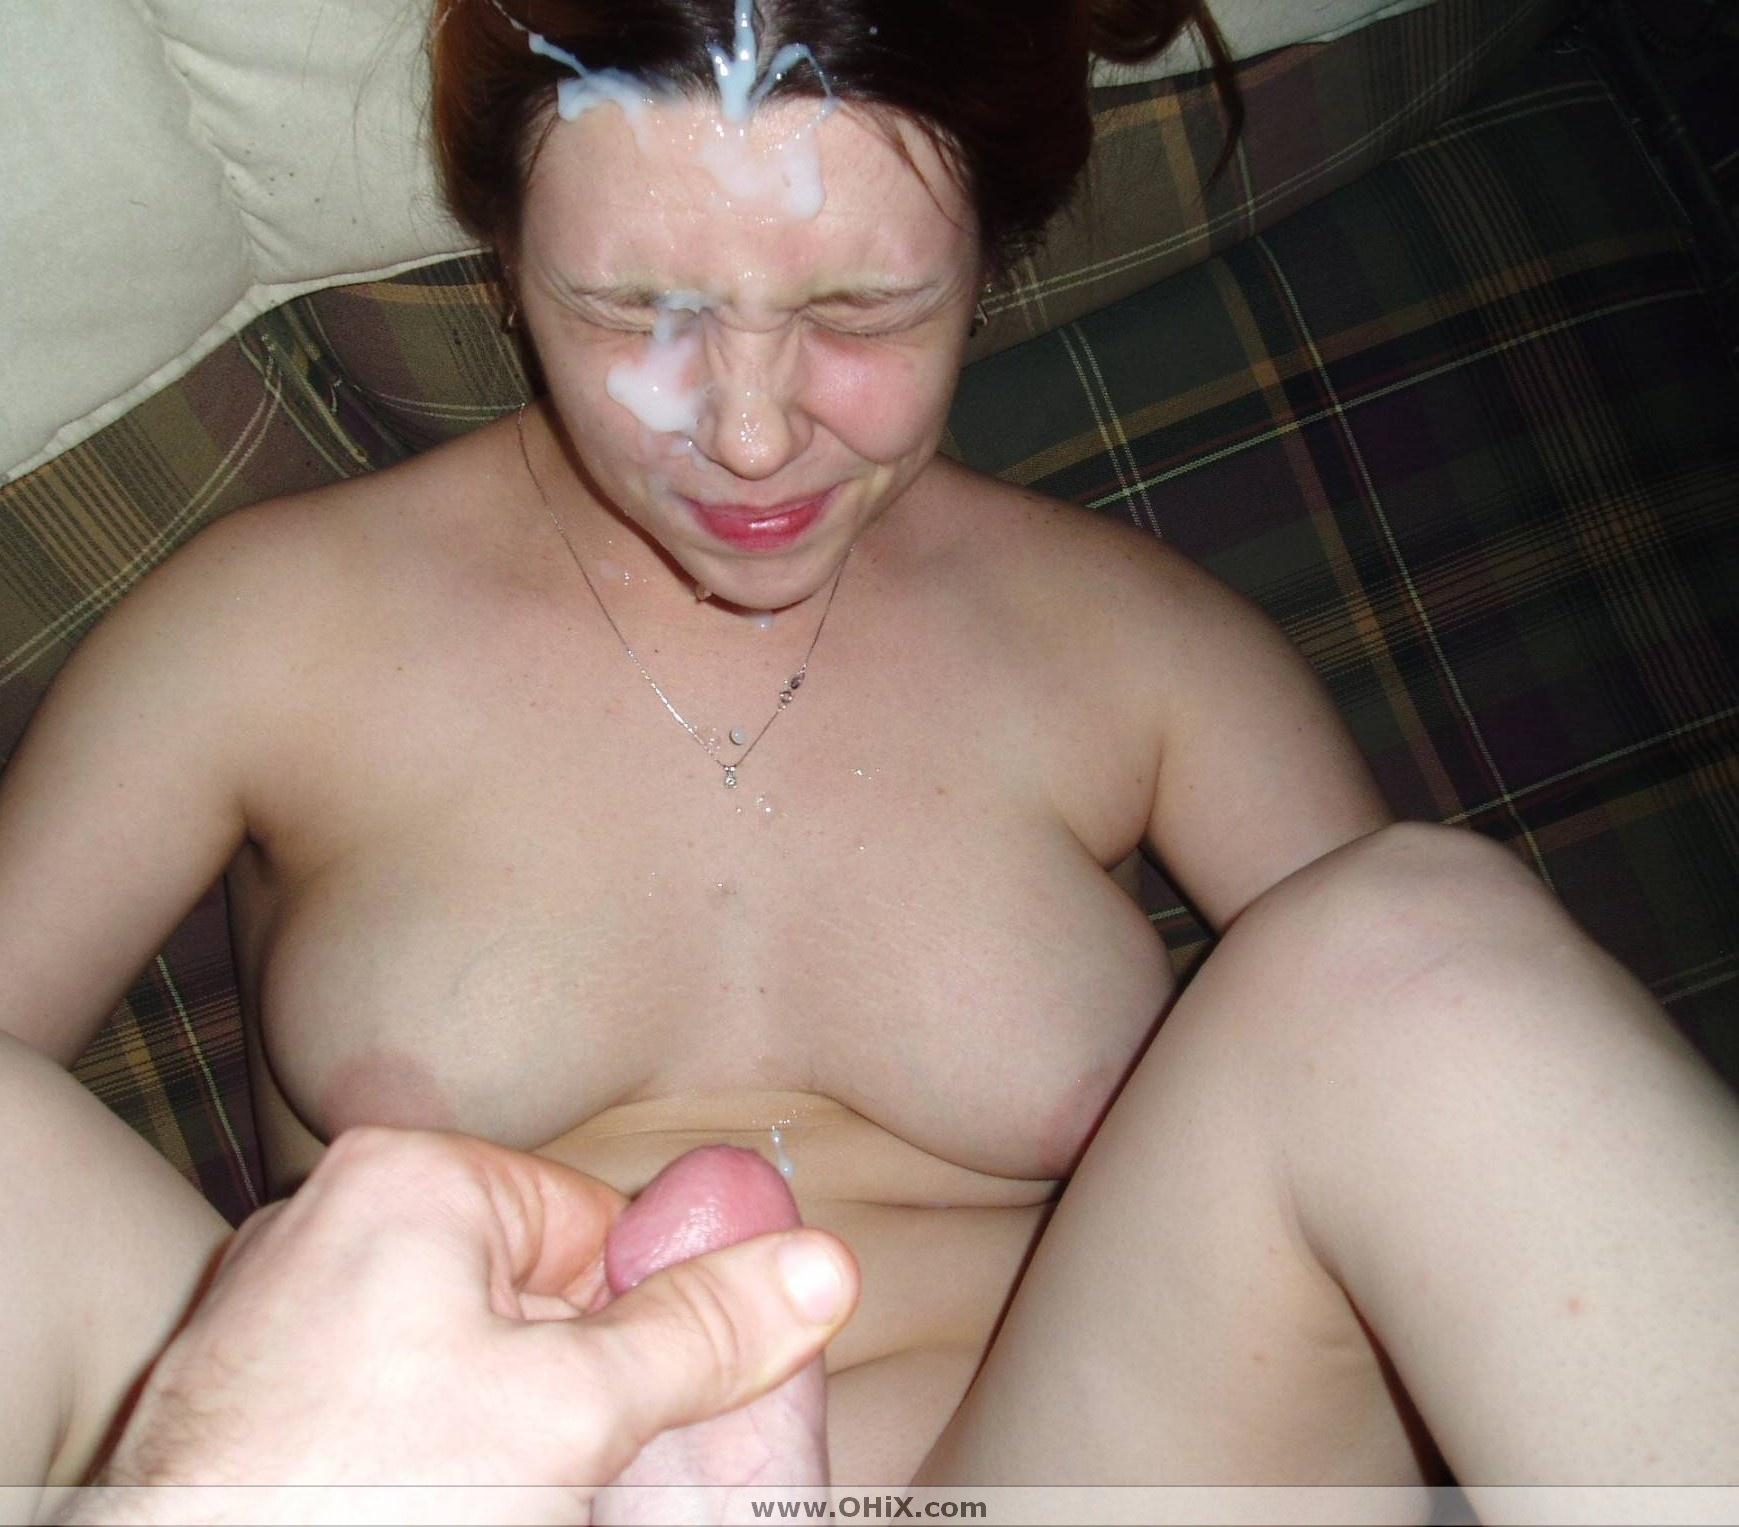 Сперма на девушках и одежде фото 28 фотография